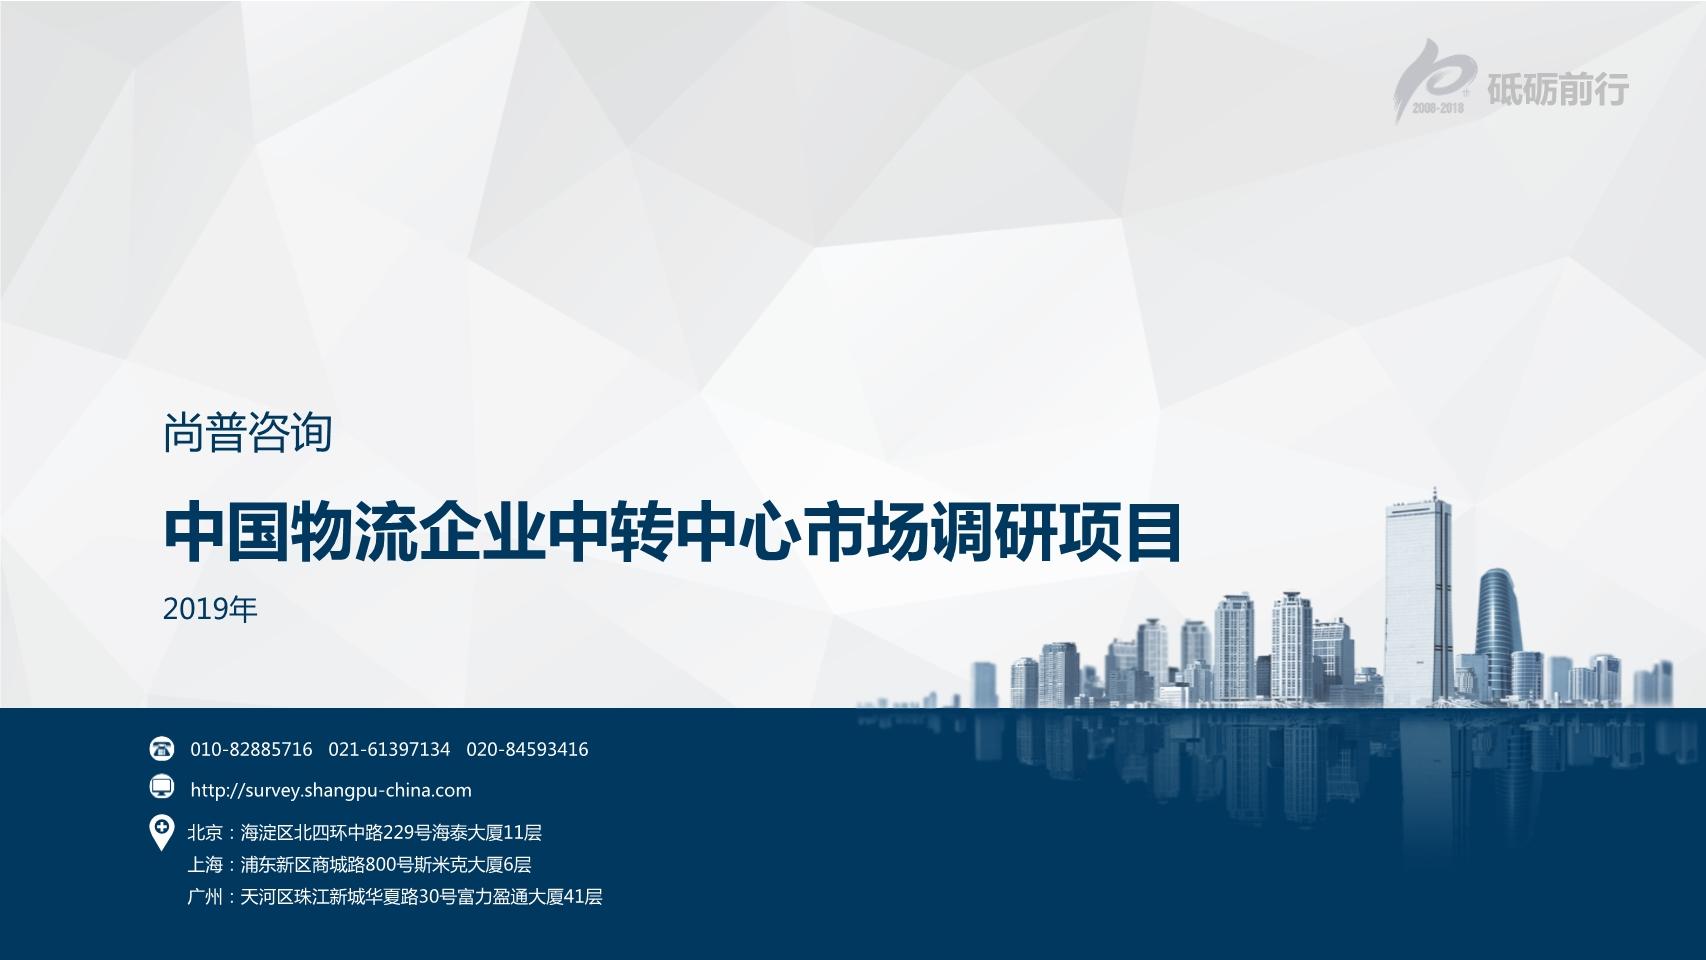 中国物流企业中转中心市场调研